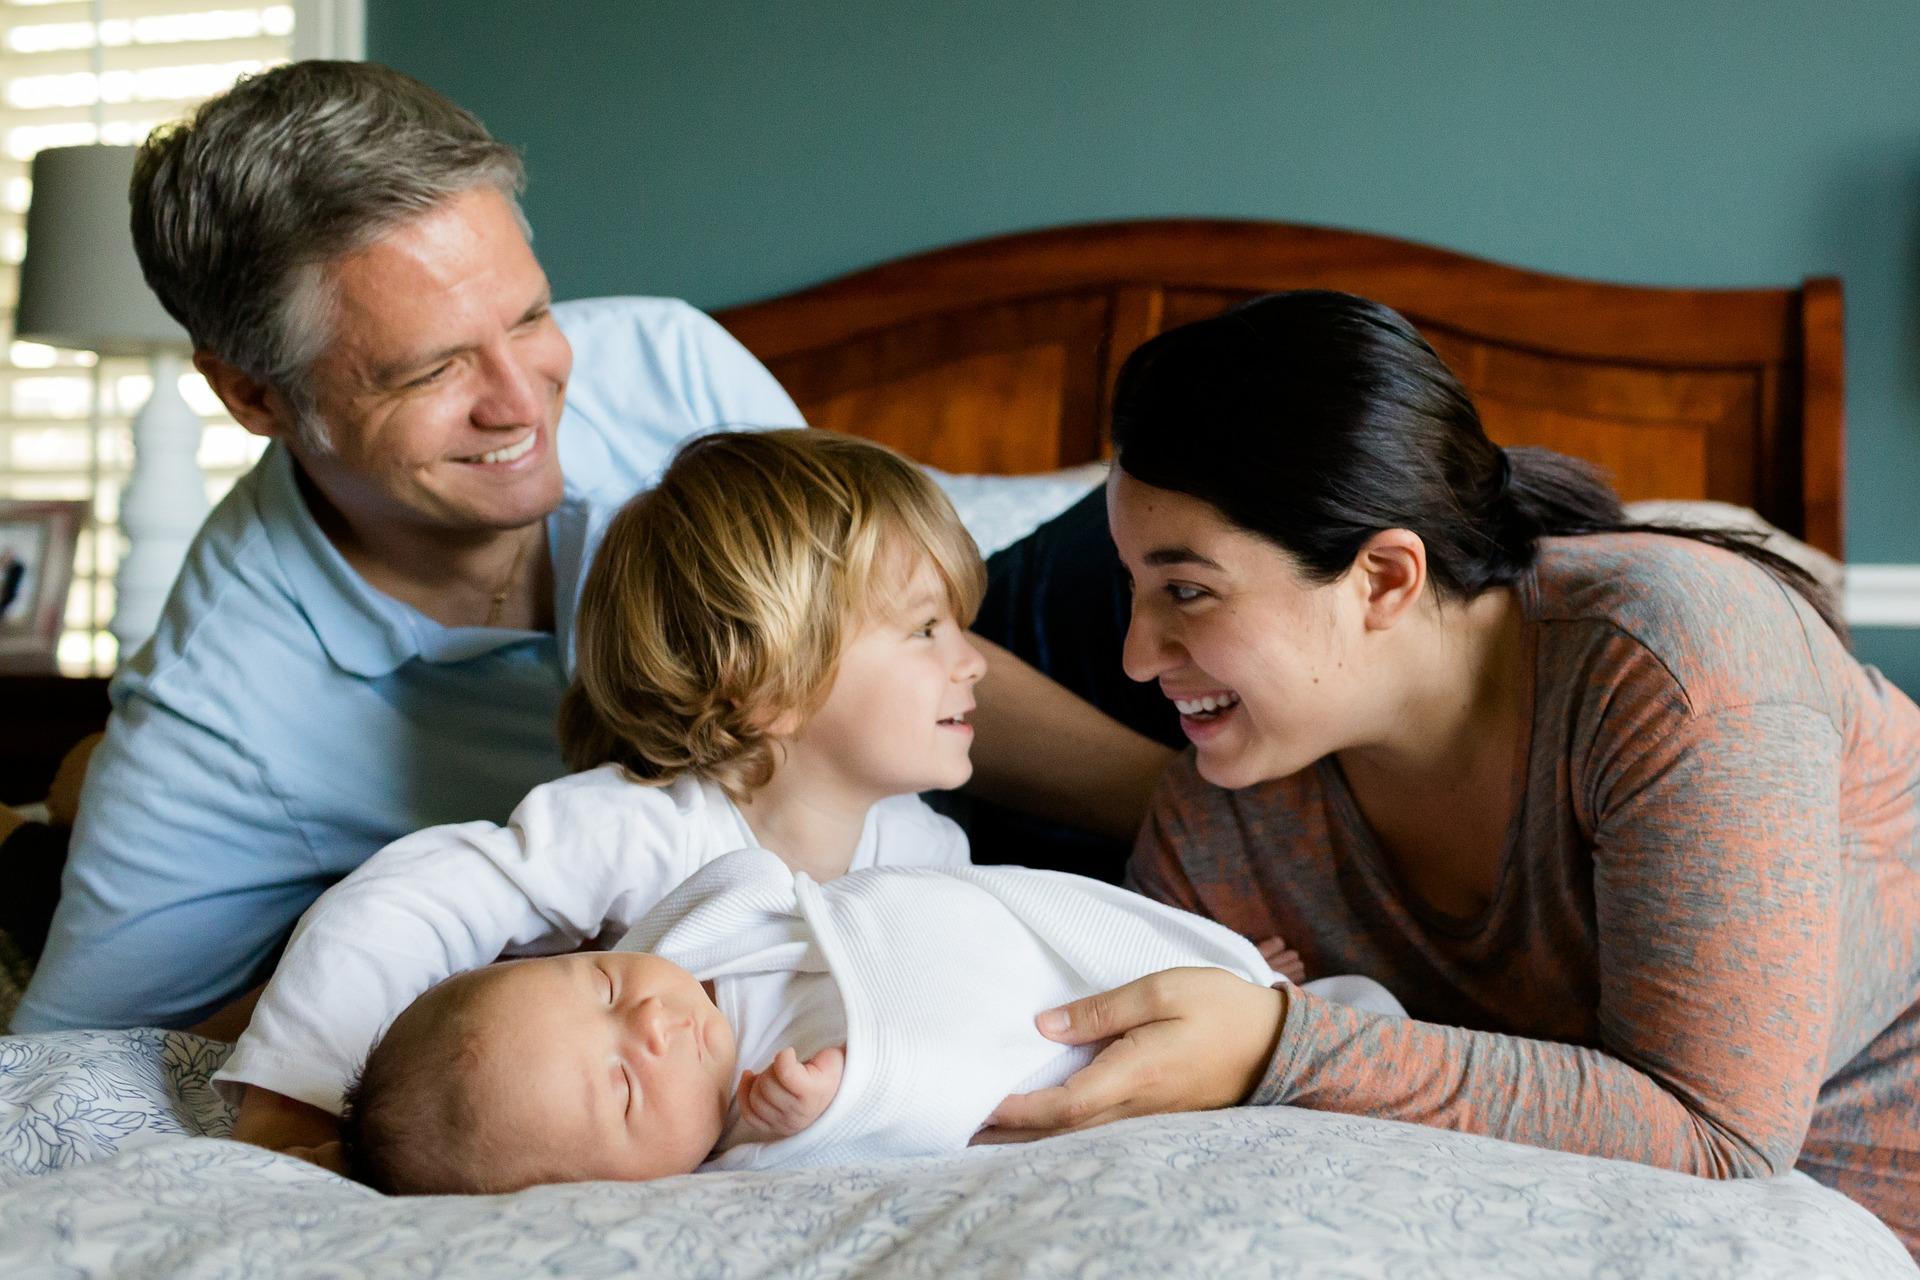 Какие документы нужны для признания семьи малоимущей, как их подготовить, куда обращаться для получения статуса, список доступных льгот